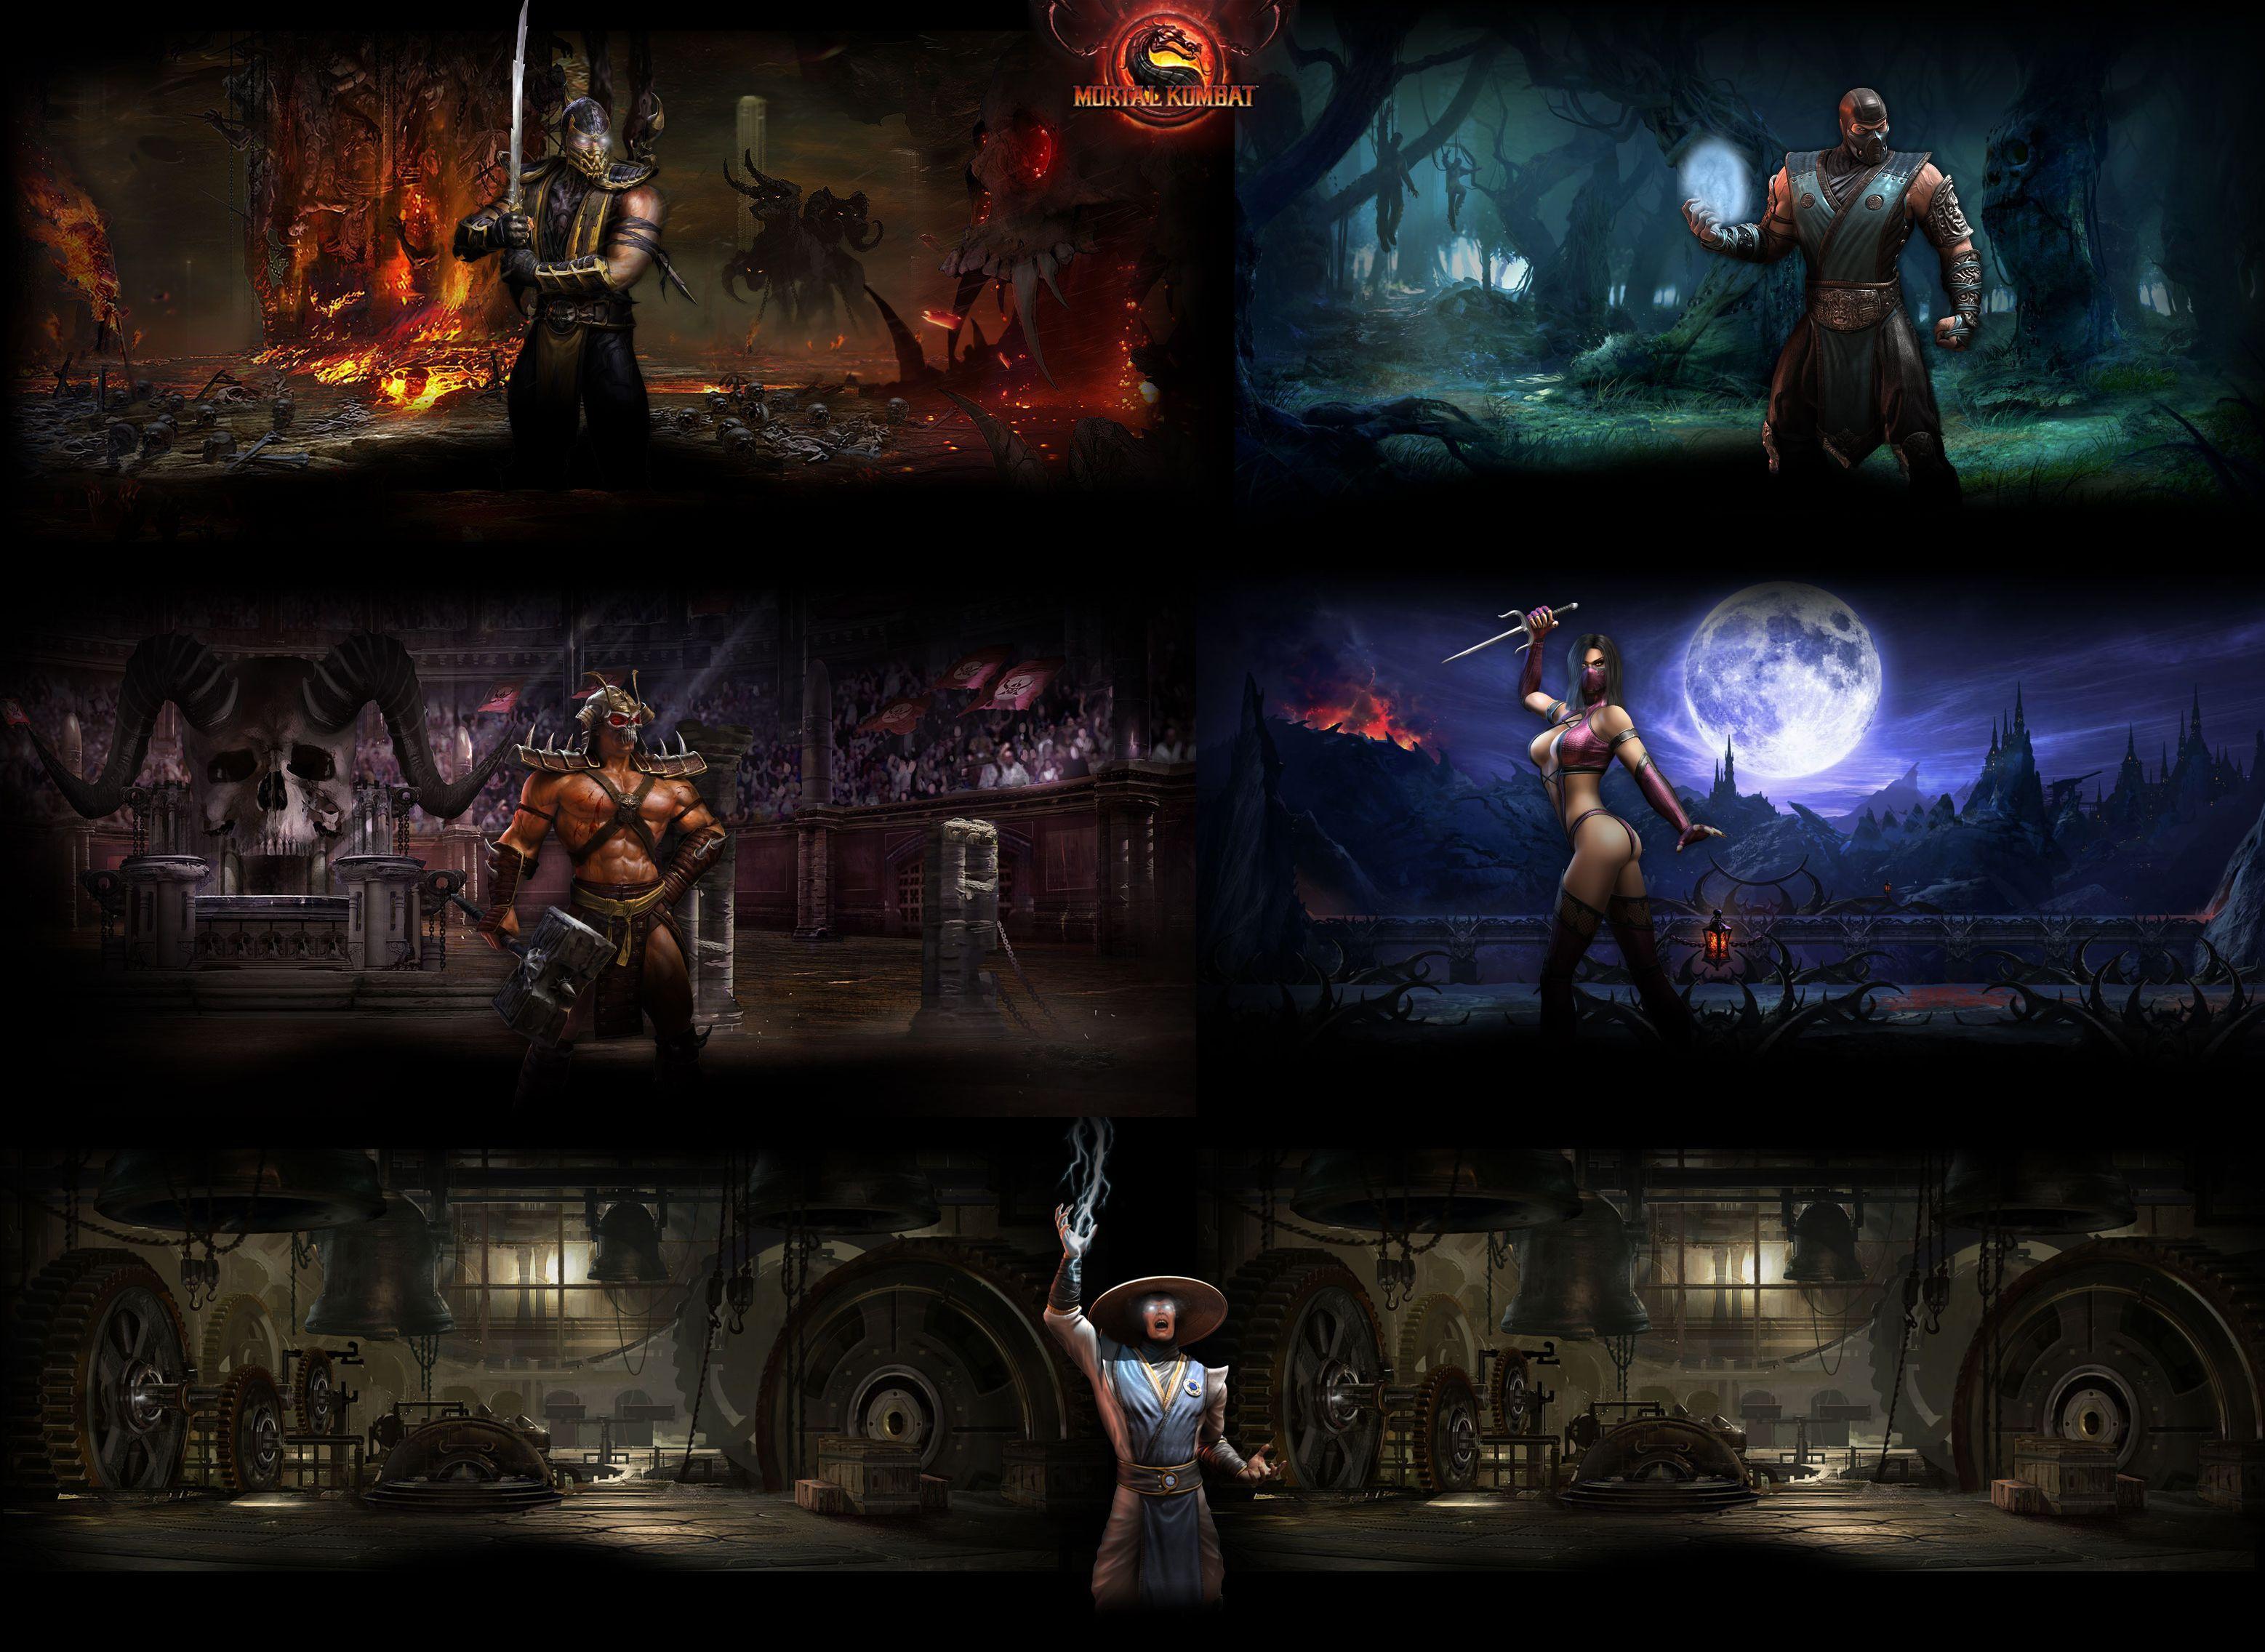 Mortal Kombat Raiden Wallpapers - Top Free Mortal Kombat Raiden